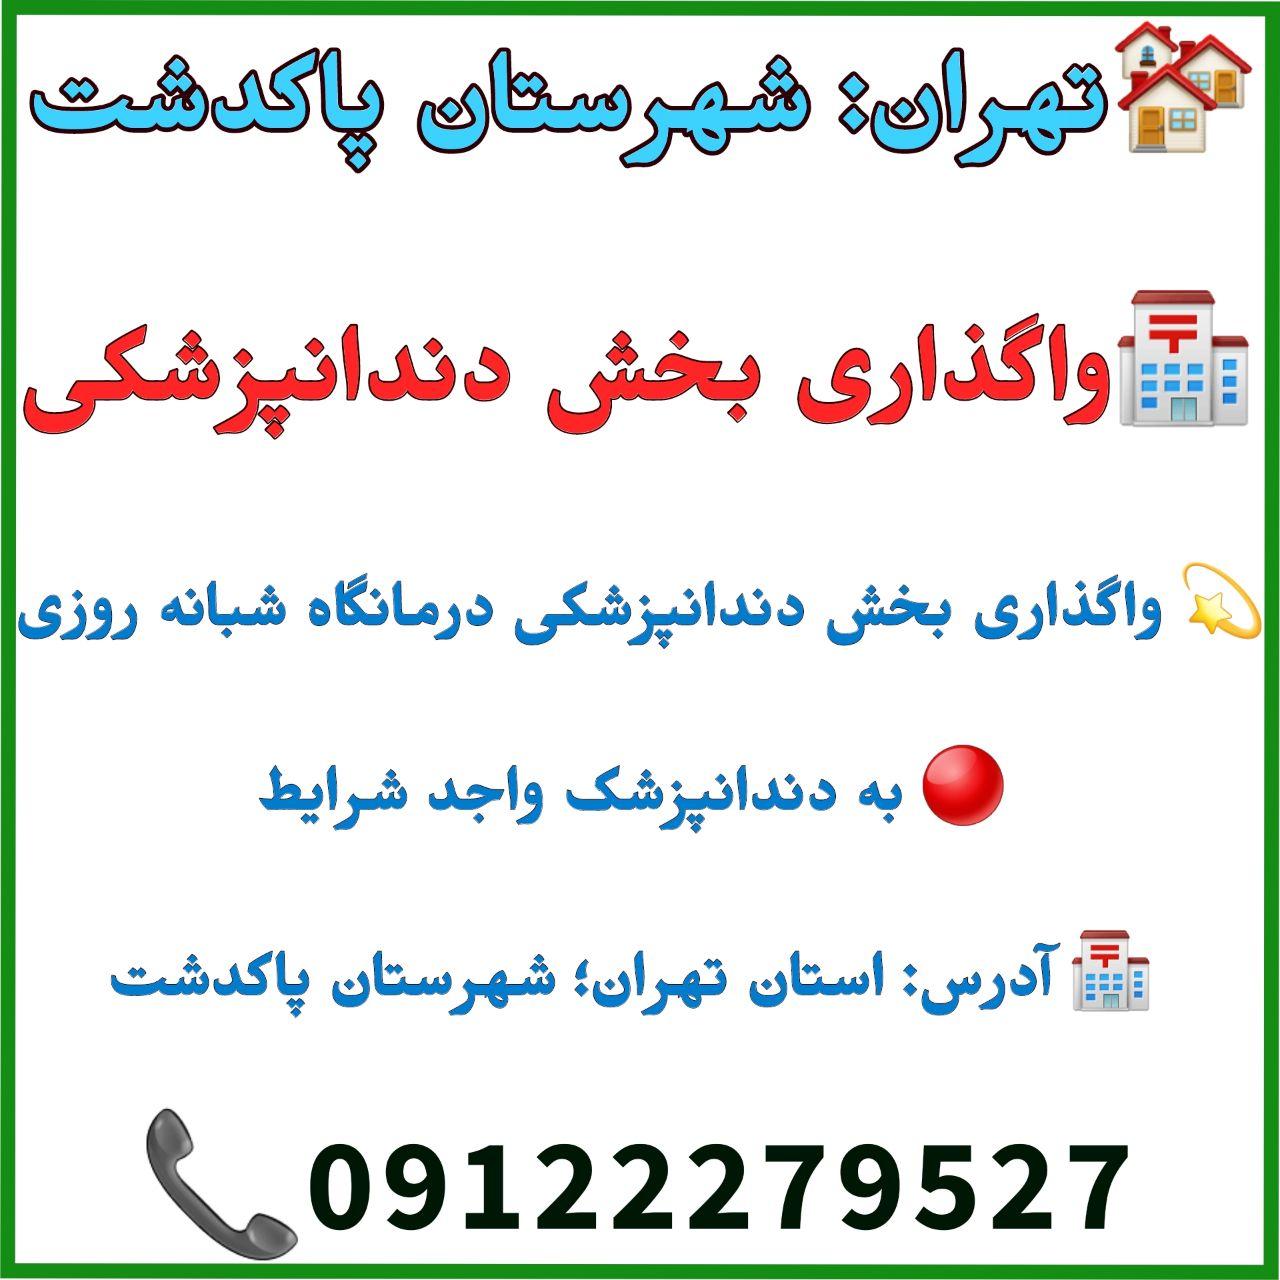 تهران: شهرستان پاکدشت